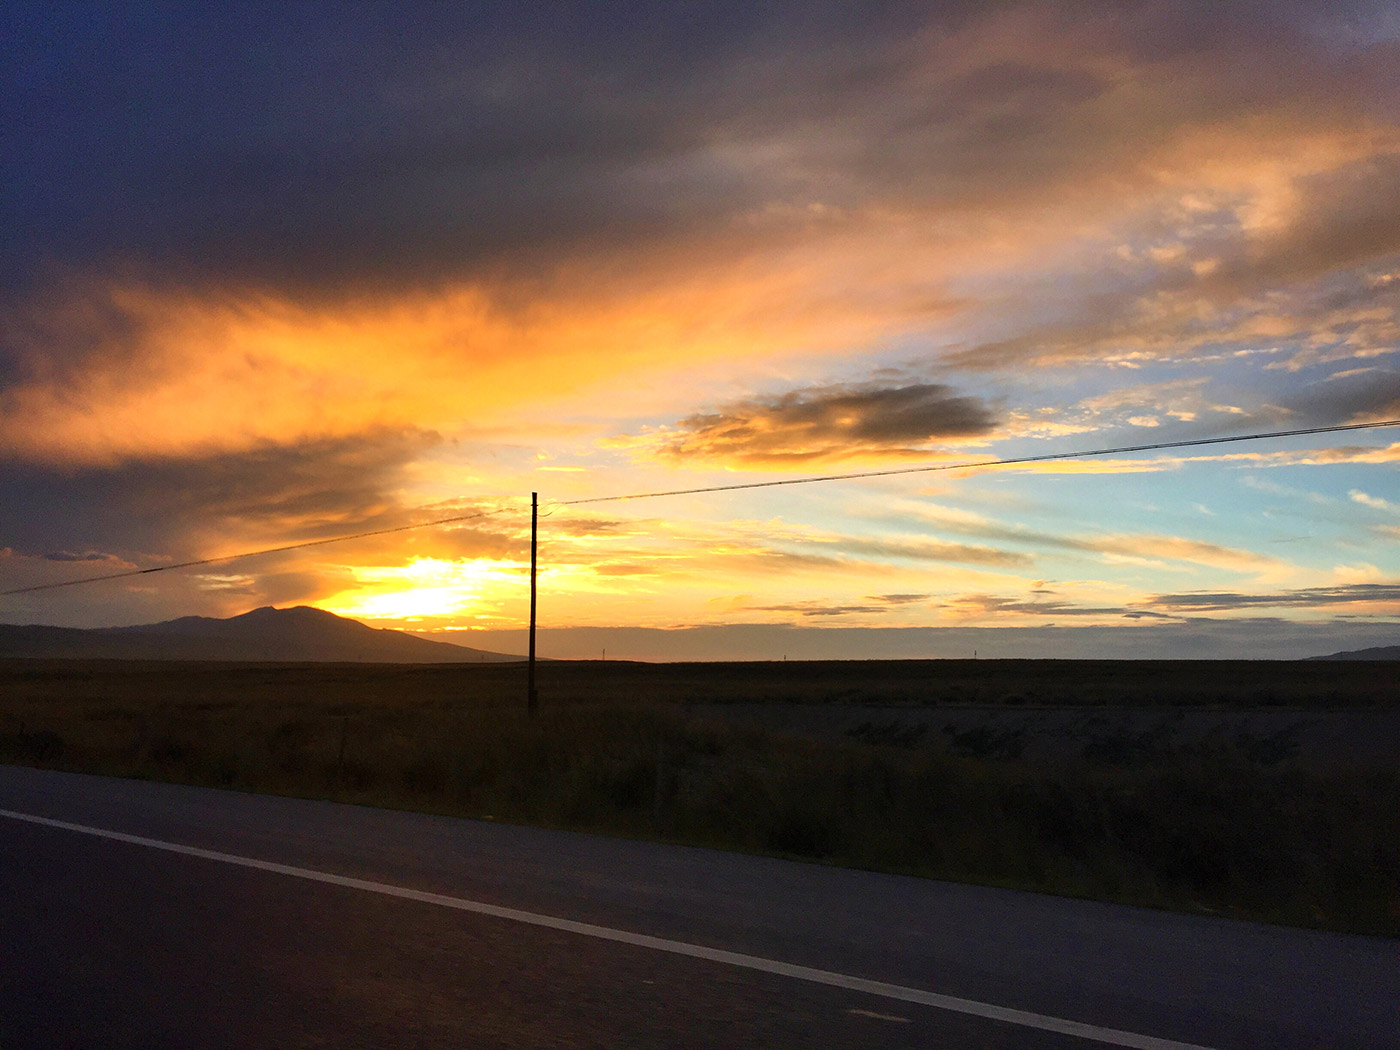 夕阳下的109国道